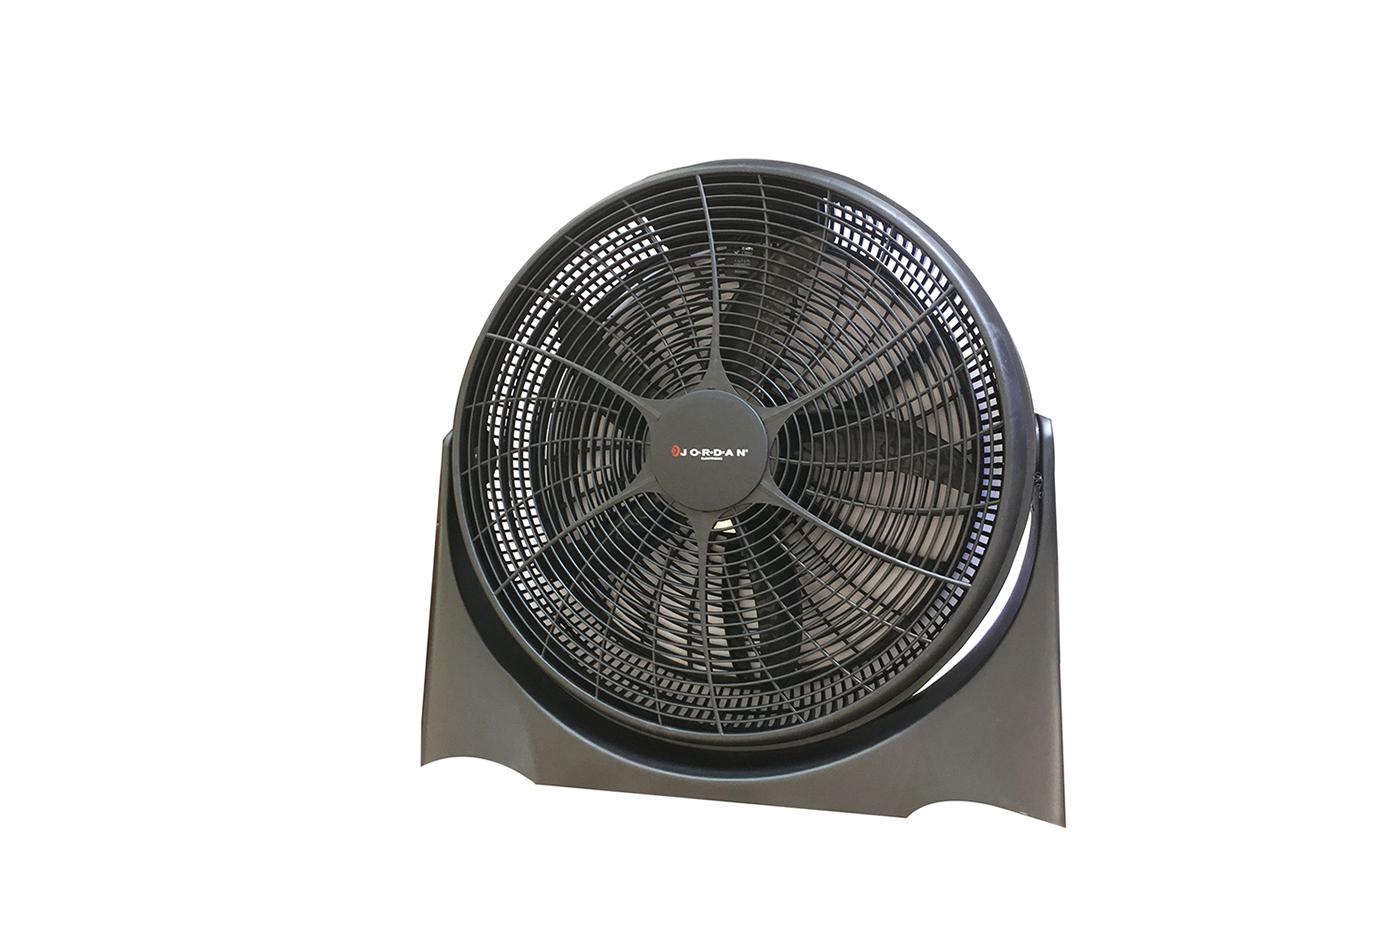 Bes 24267 tutto per la casa beselettronica - Ventilatore da terra ...